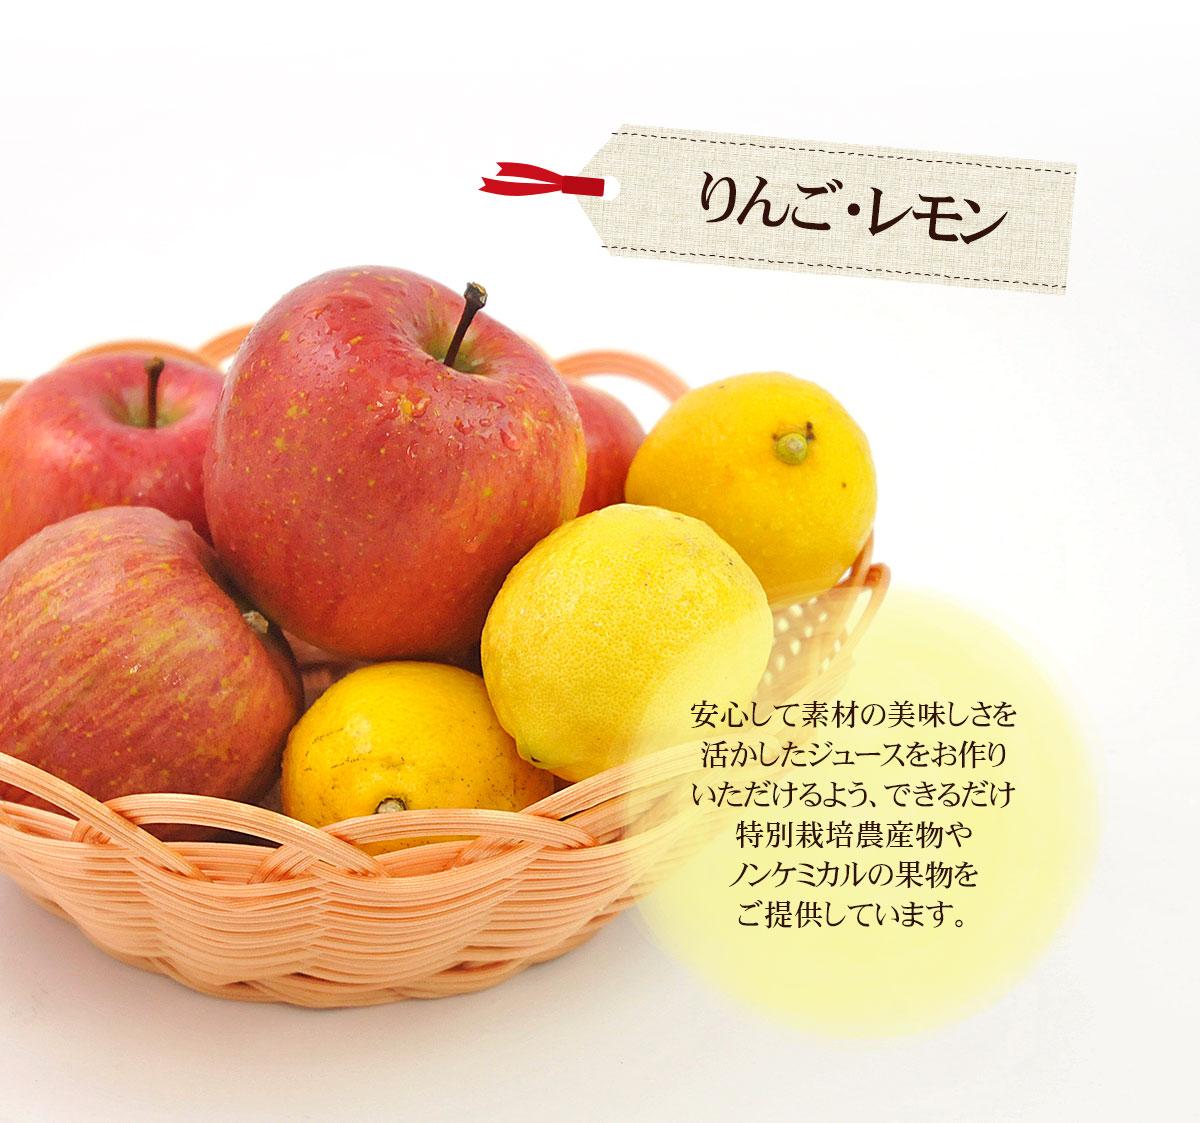 りんご・レモン 安心して素材の美味しさを活かしたジュースをお作りいただけるよう、できるだけ特別栽培農産物やノンケミカルの果物をご提供しています。